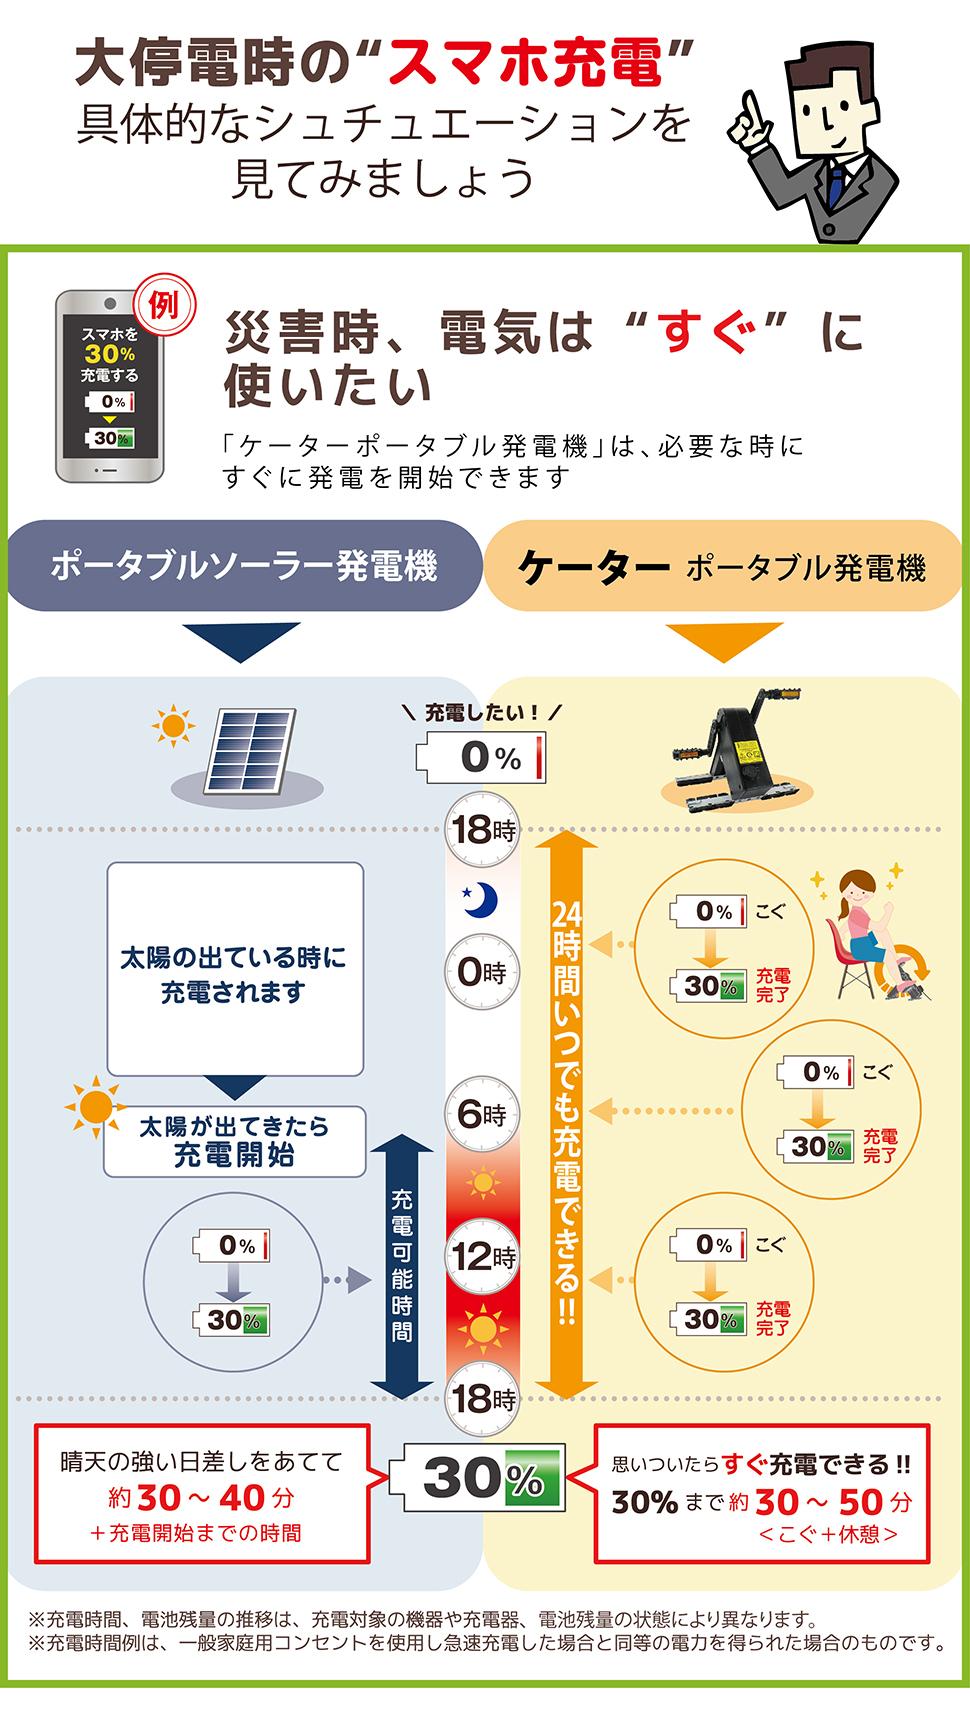 ケーター パワーボックス50 ソーラー発電と比較